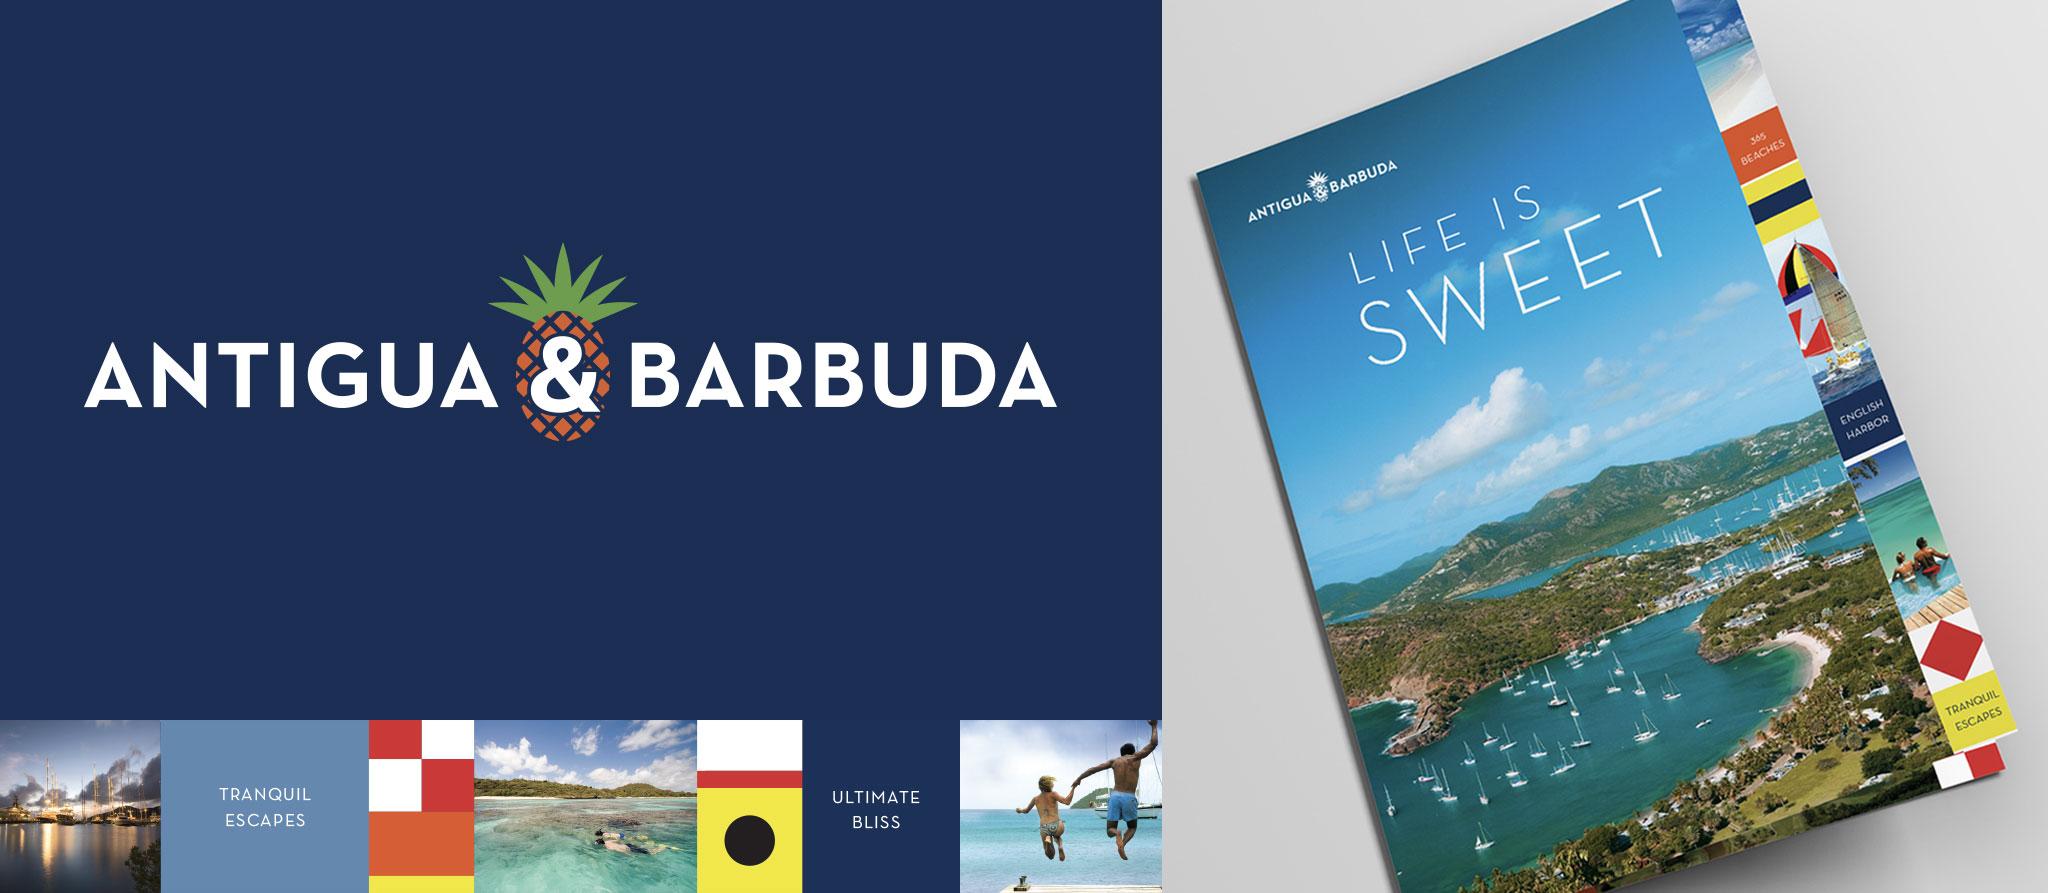 Antigua-and-Barbuda_13.jpg